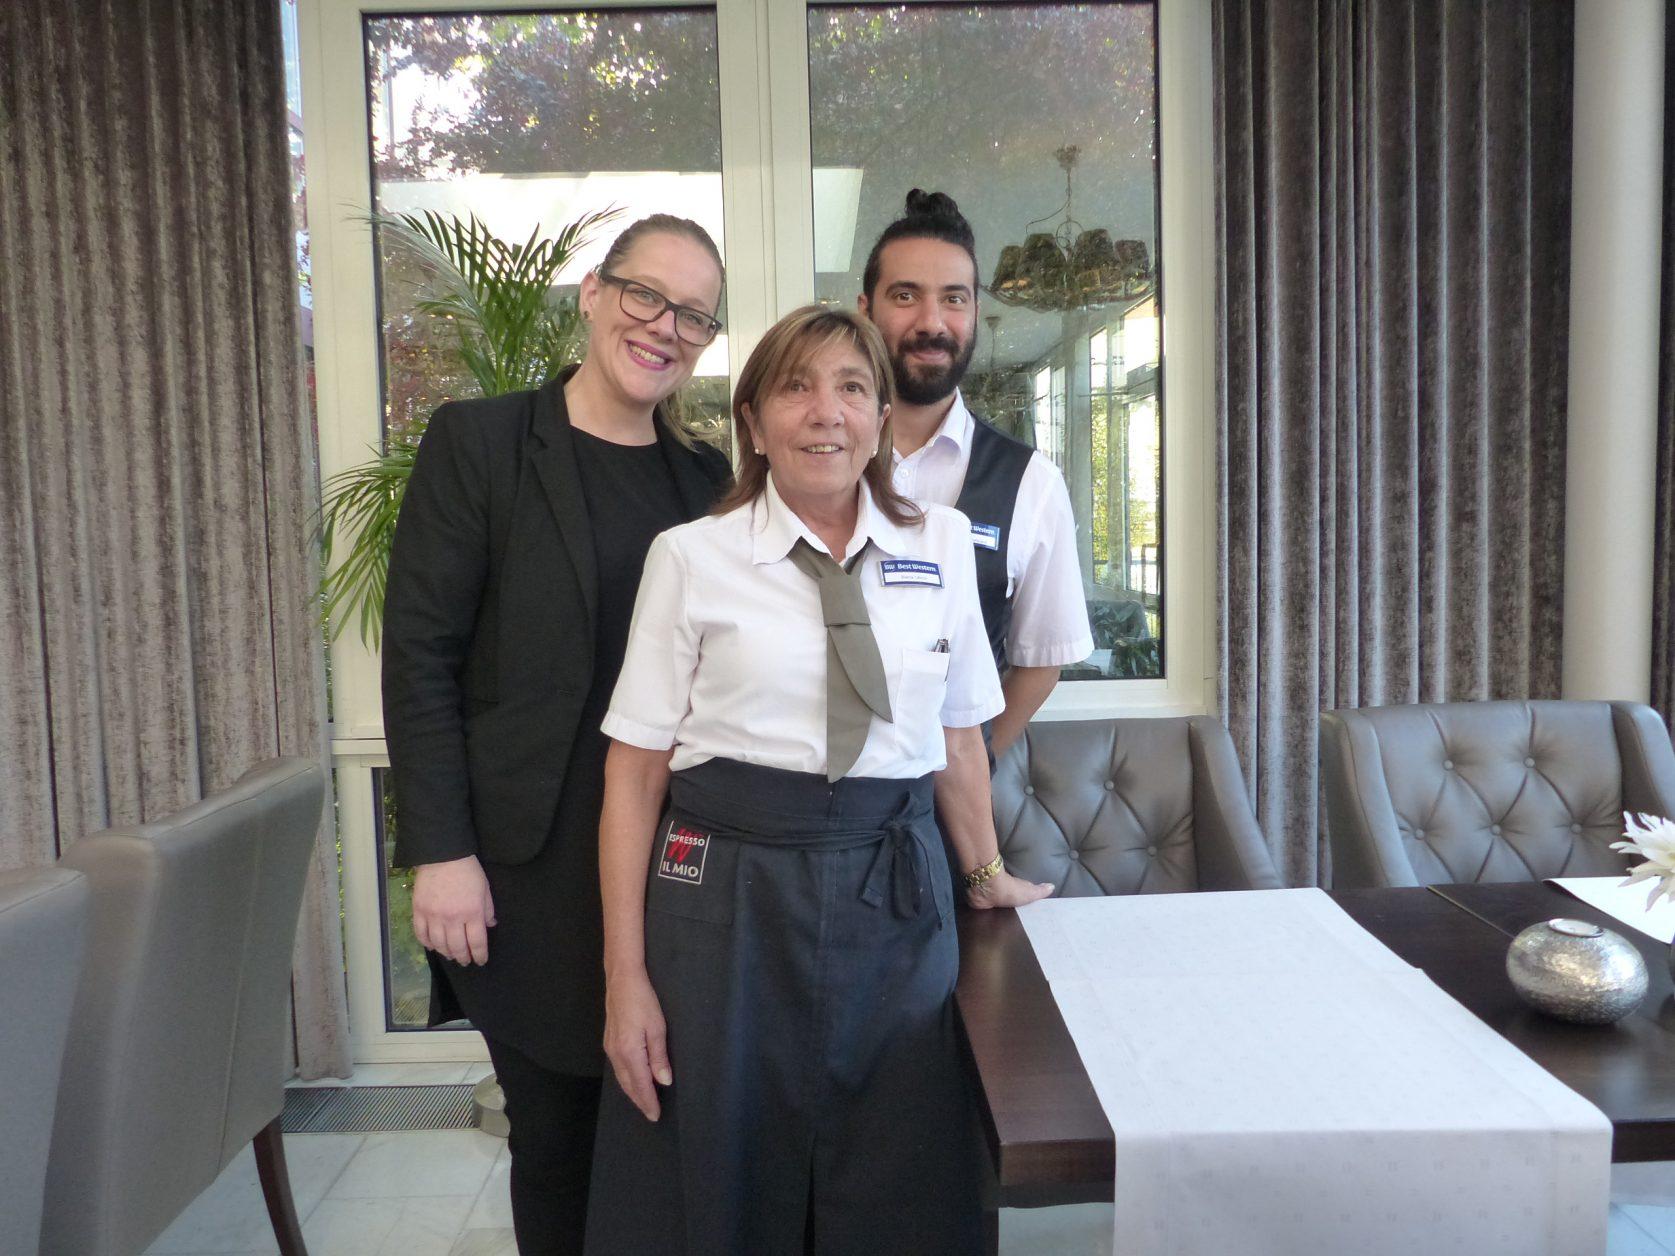 Hoteldirektorin Melanie Buschbacher mit Biena Ullrich und Pedram Safavandi imVictor`s Residenz Hotel Rodenhof Saarbrücken, Foto: Weirauch